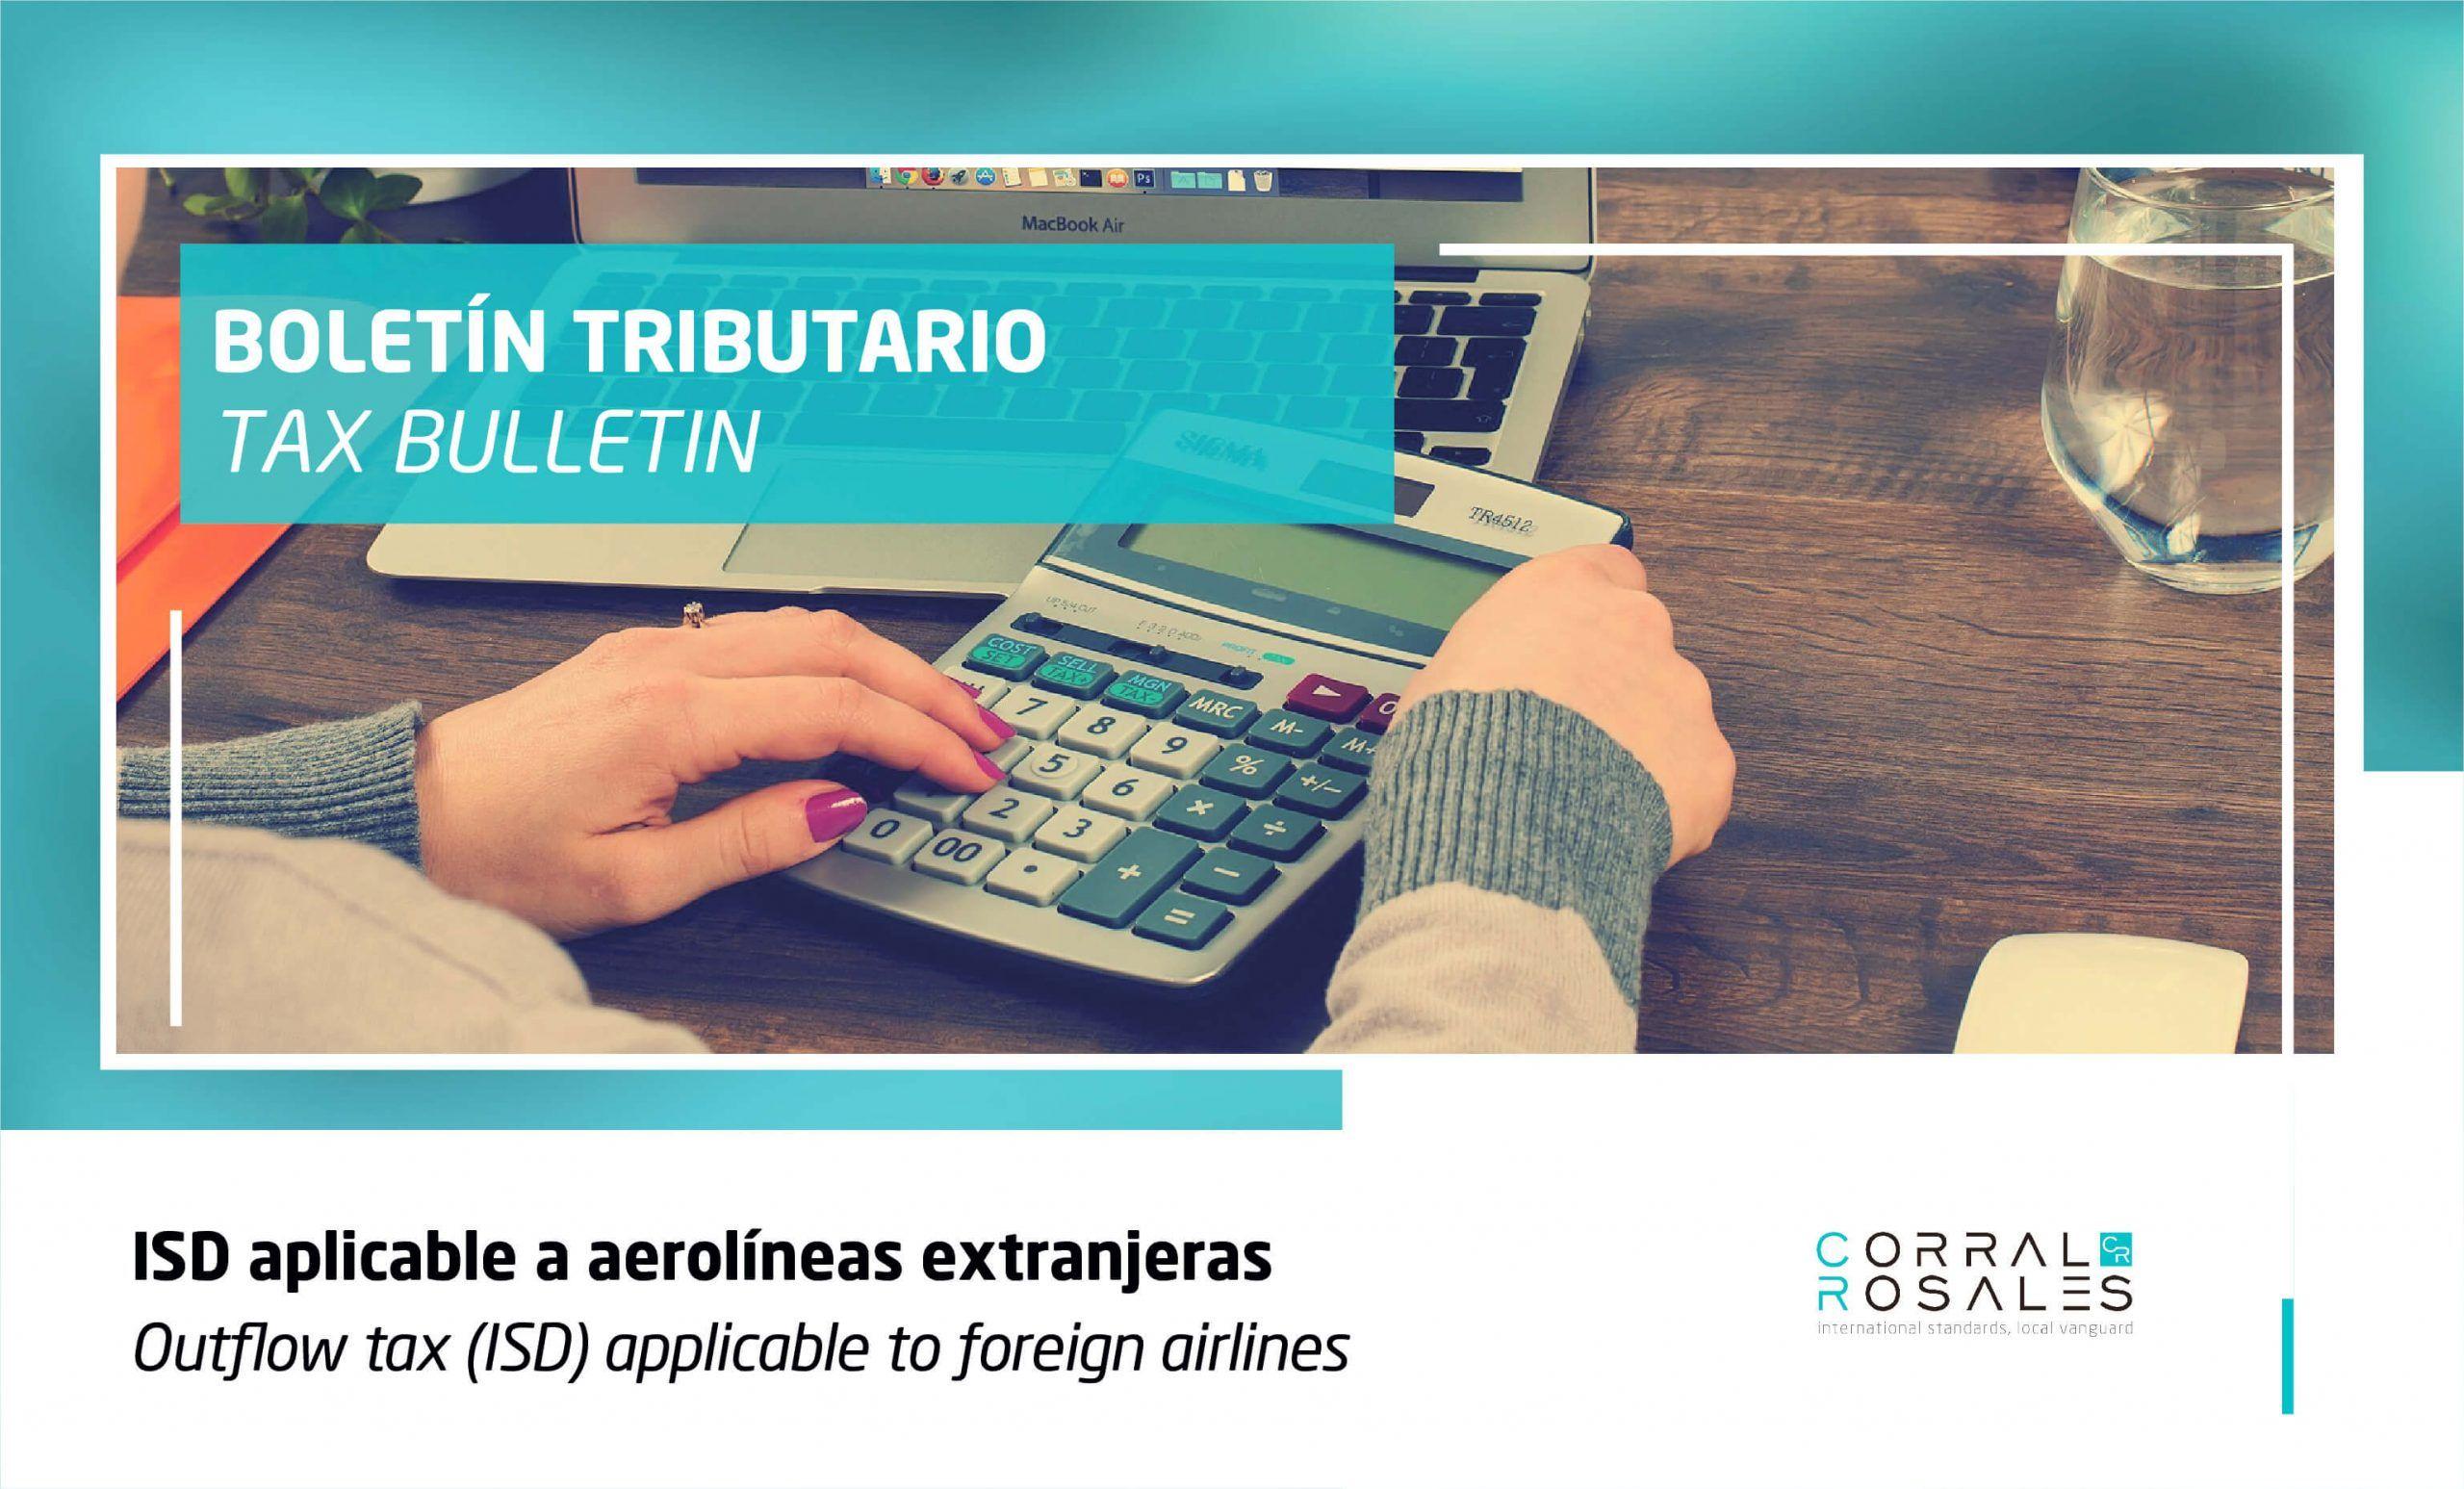 ISD aplicable a aerolíneas extranjeras - CorralRosales - Latam - Abogados Ecuador